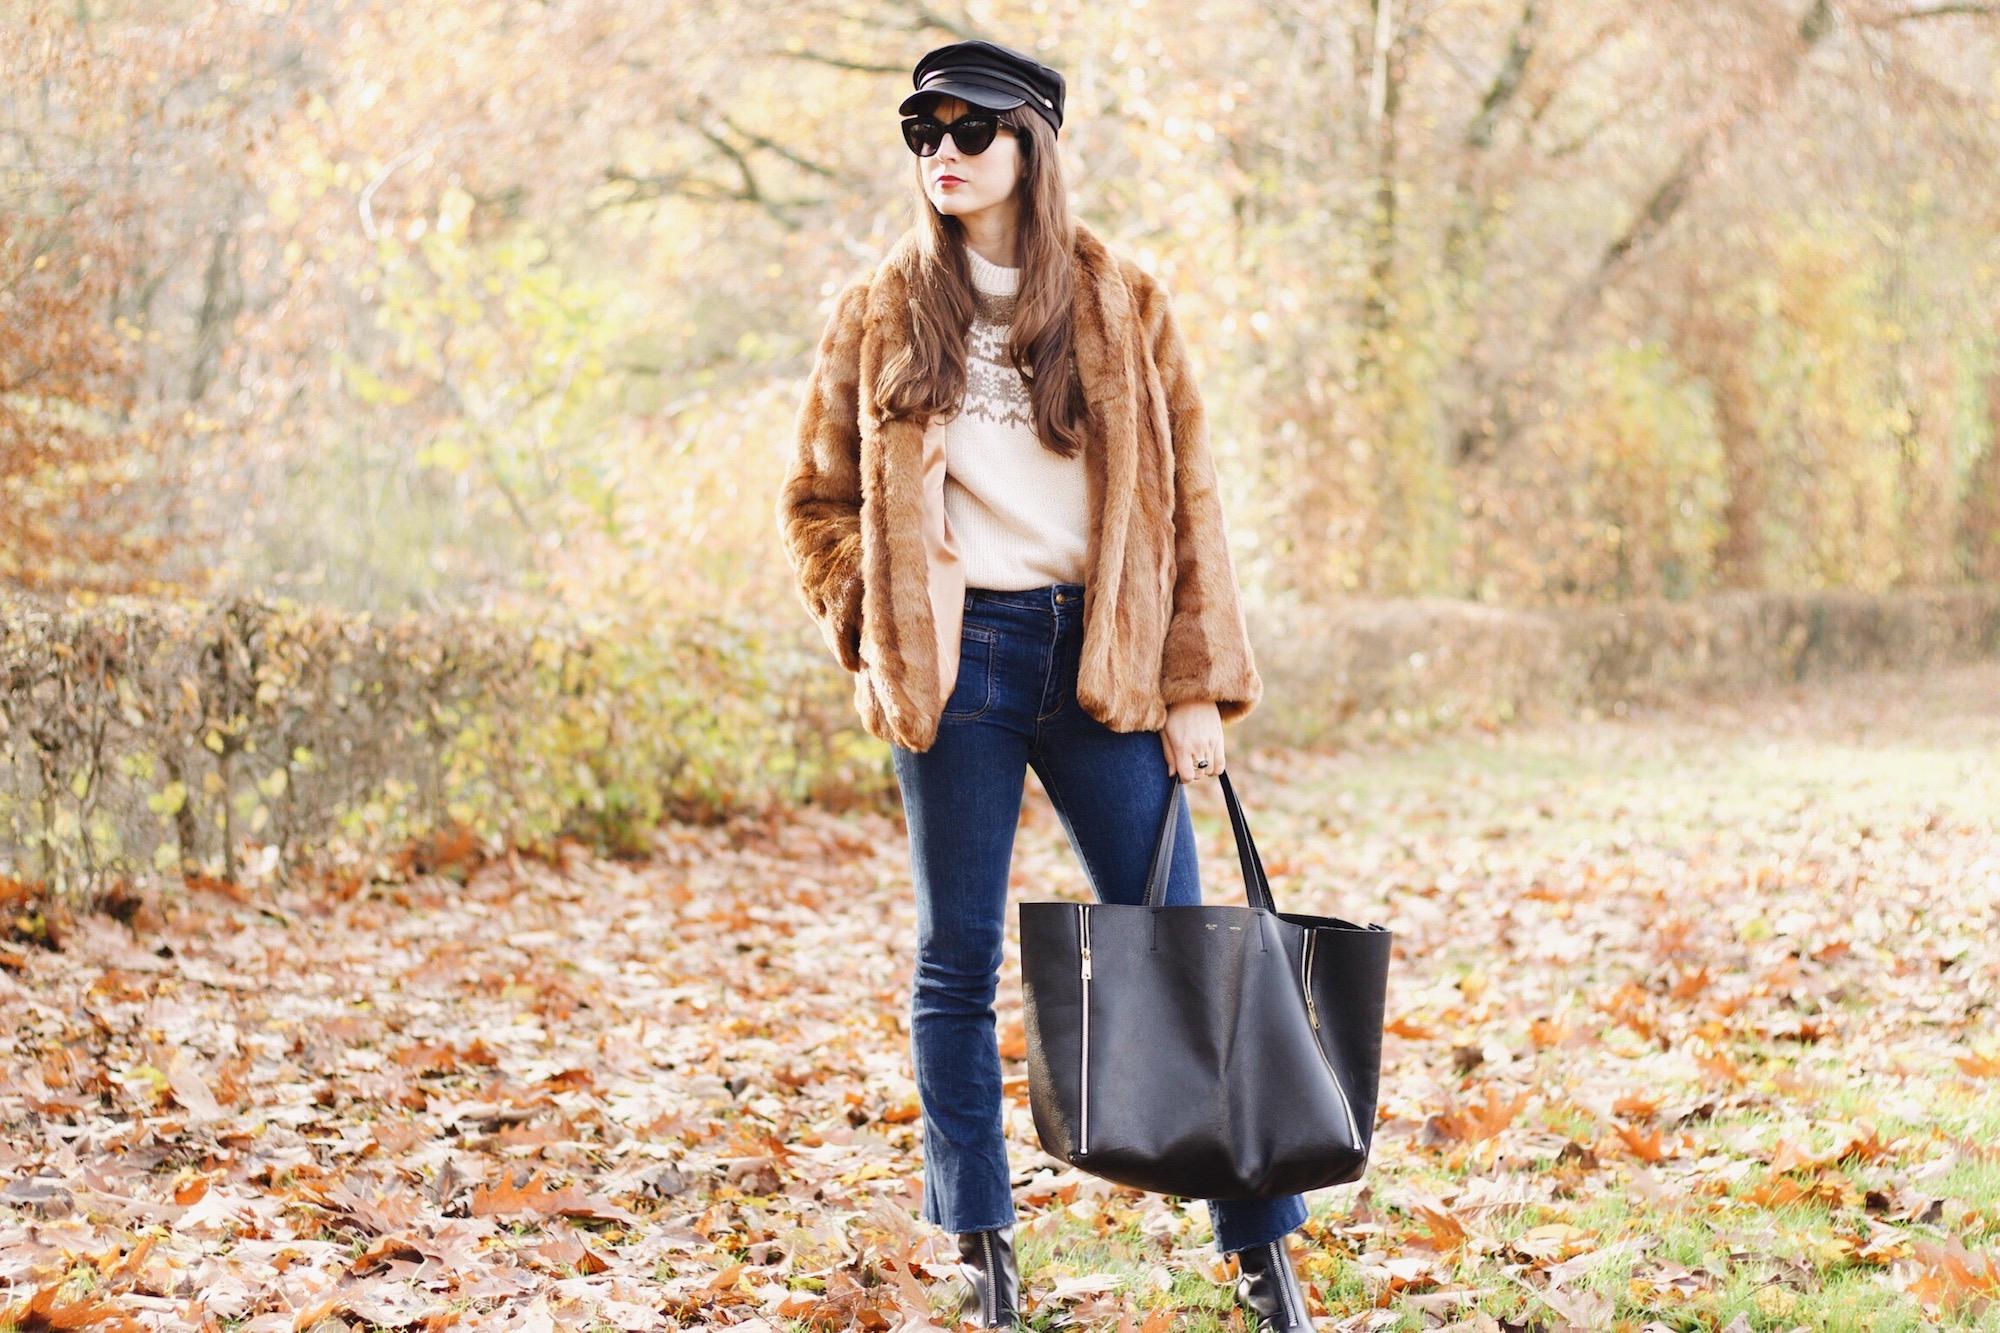 Felljacke, Céline Cabas Bag und Kick Flare Jeans auf meinem Modeblog